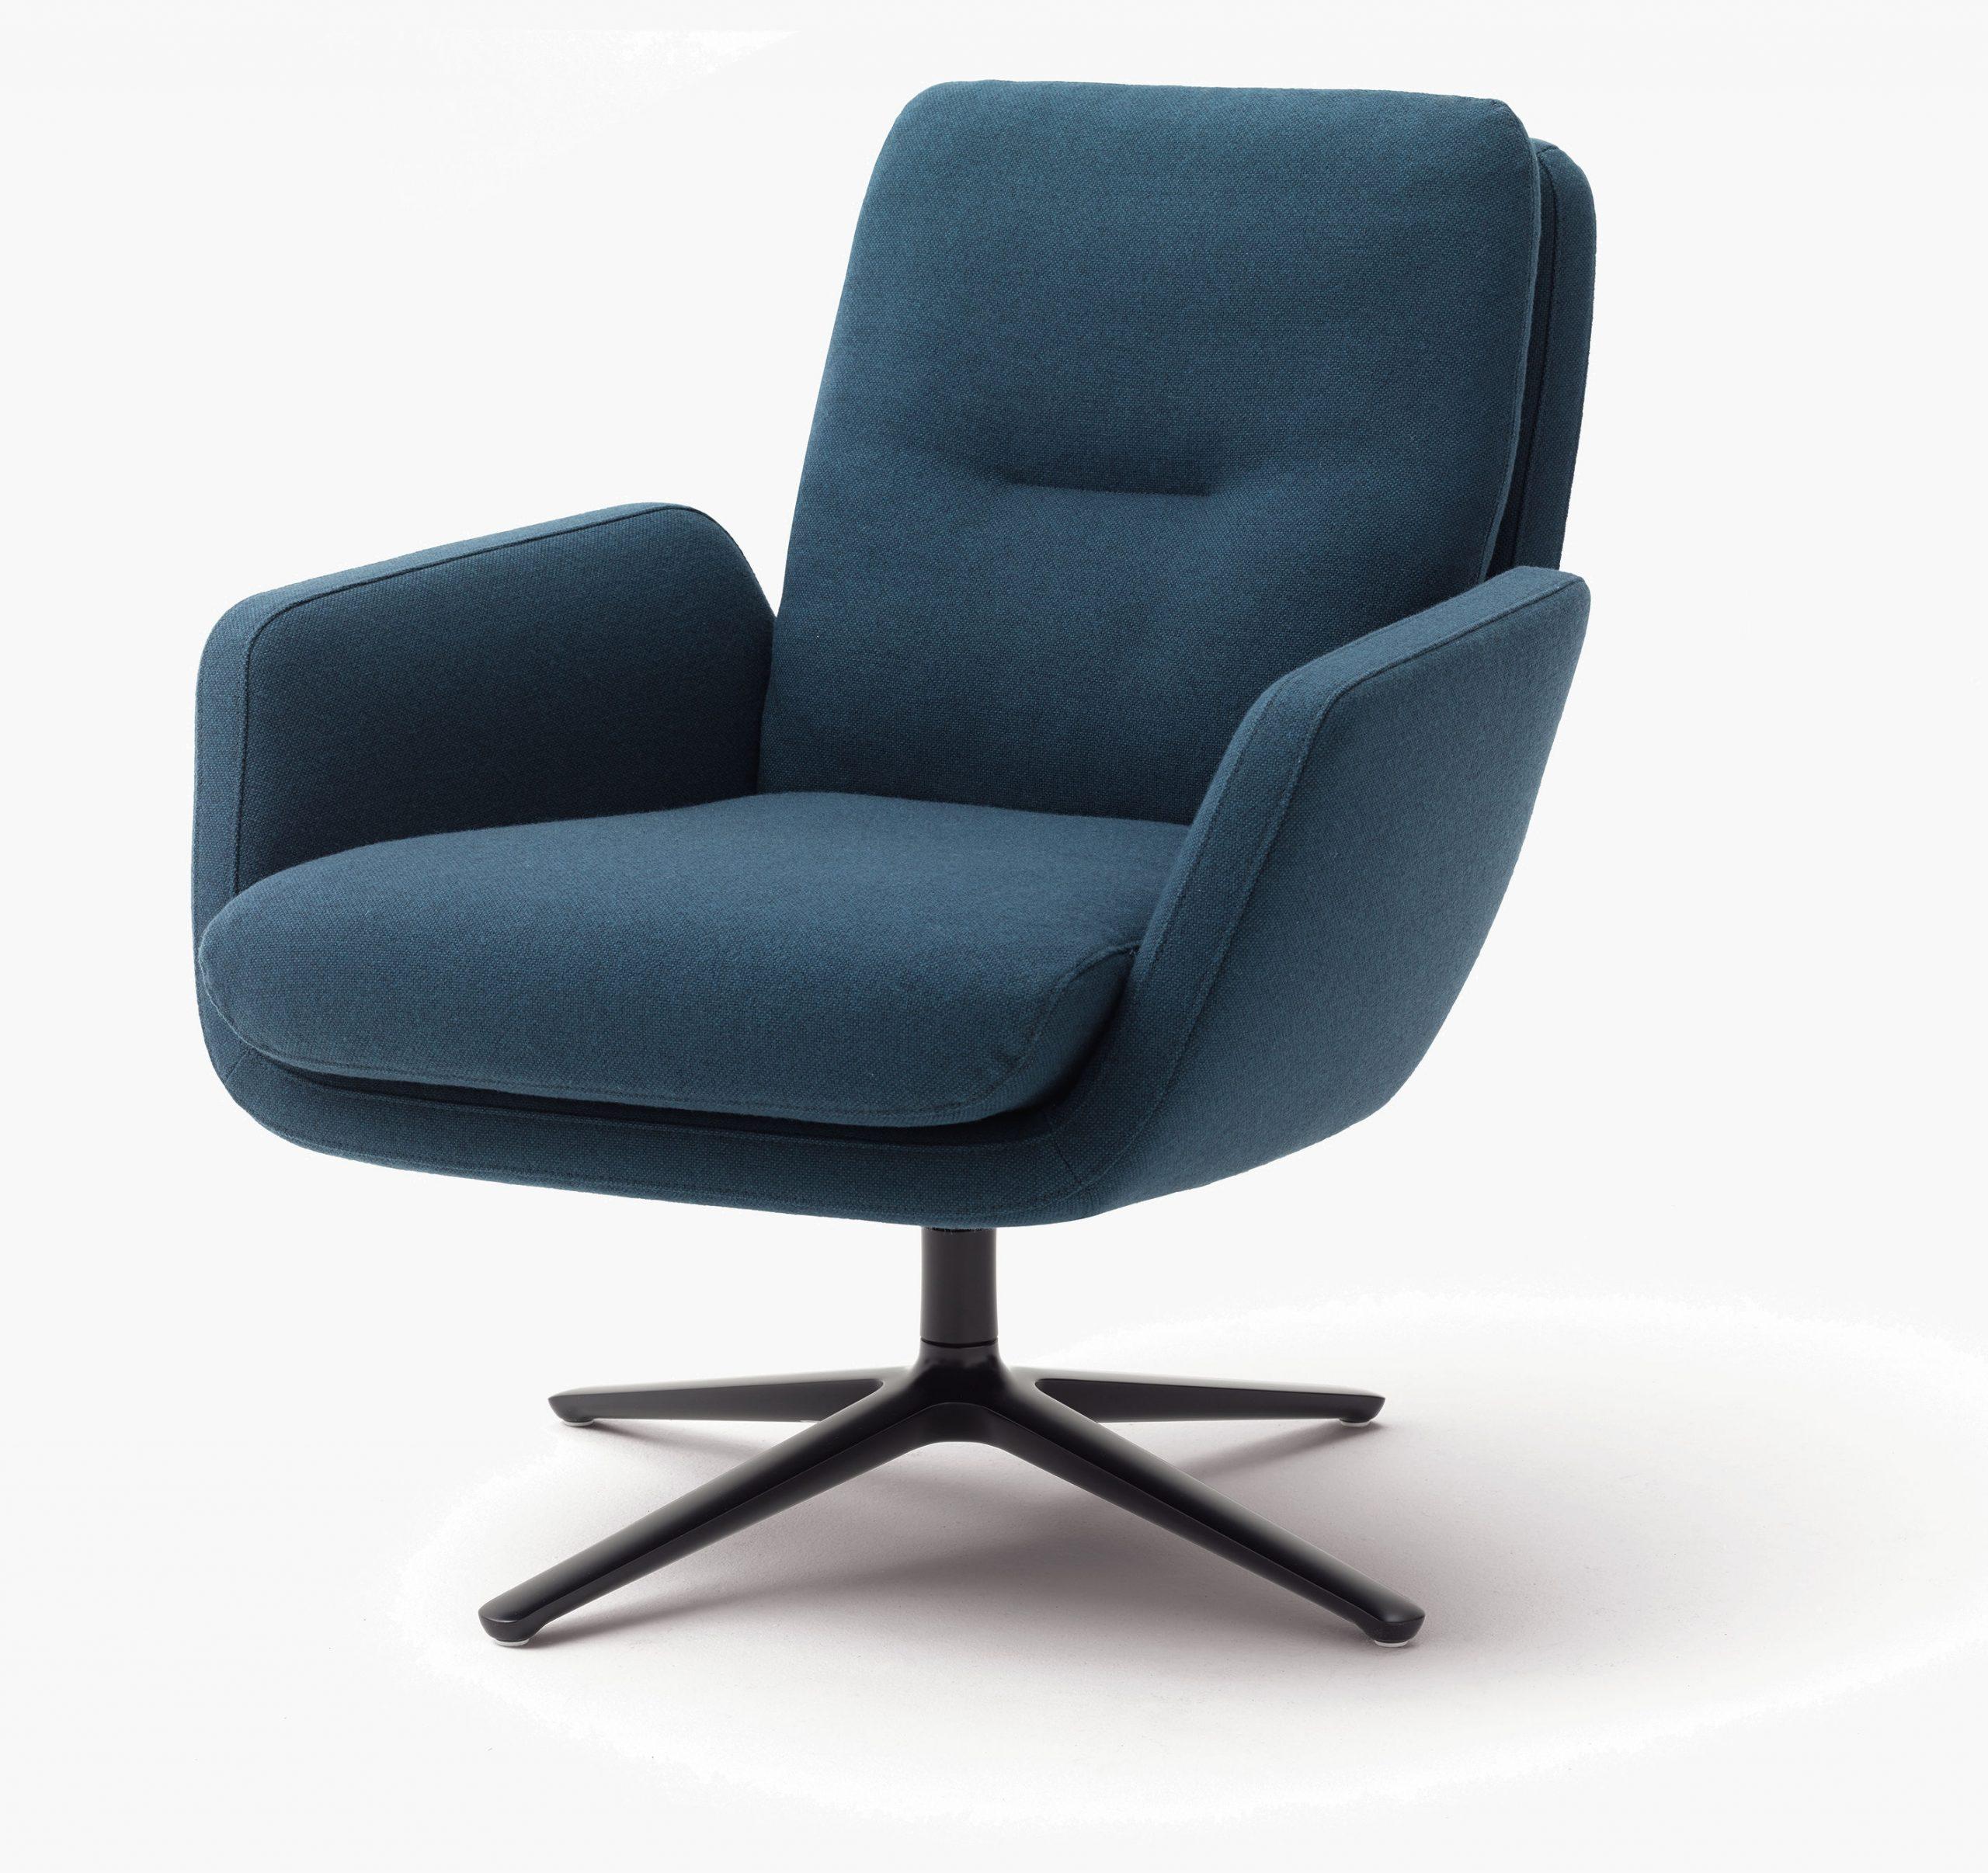 Cordia fauteuil van COR